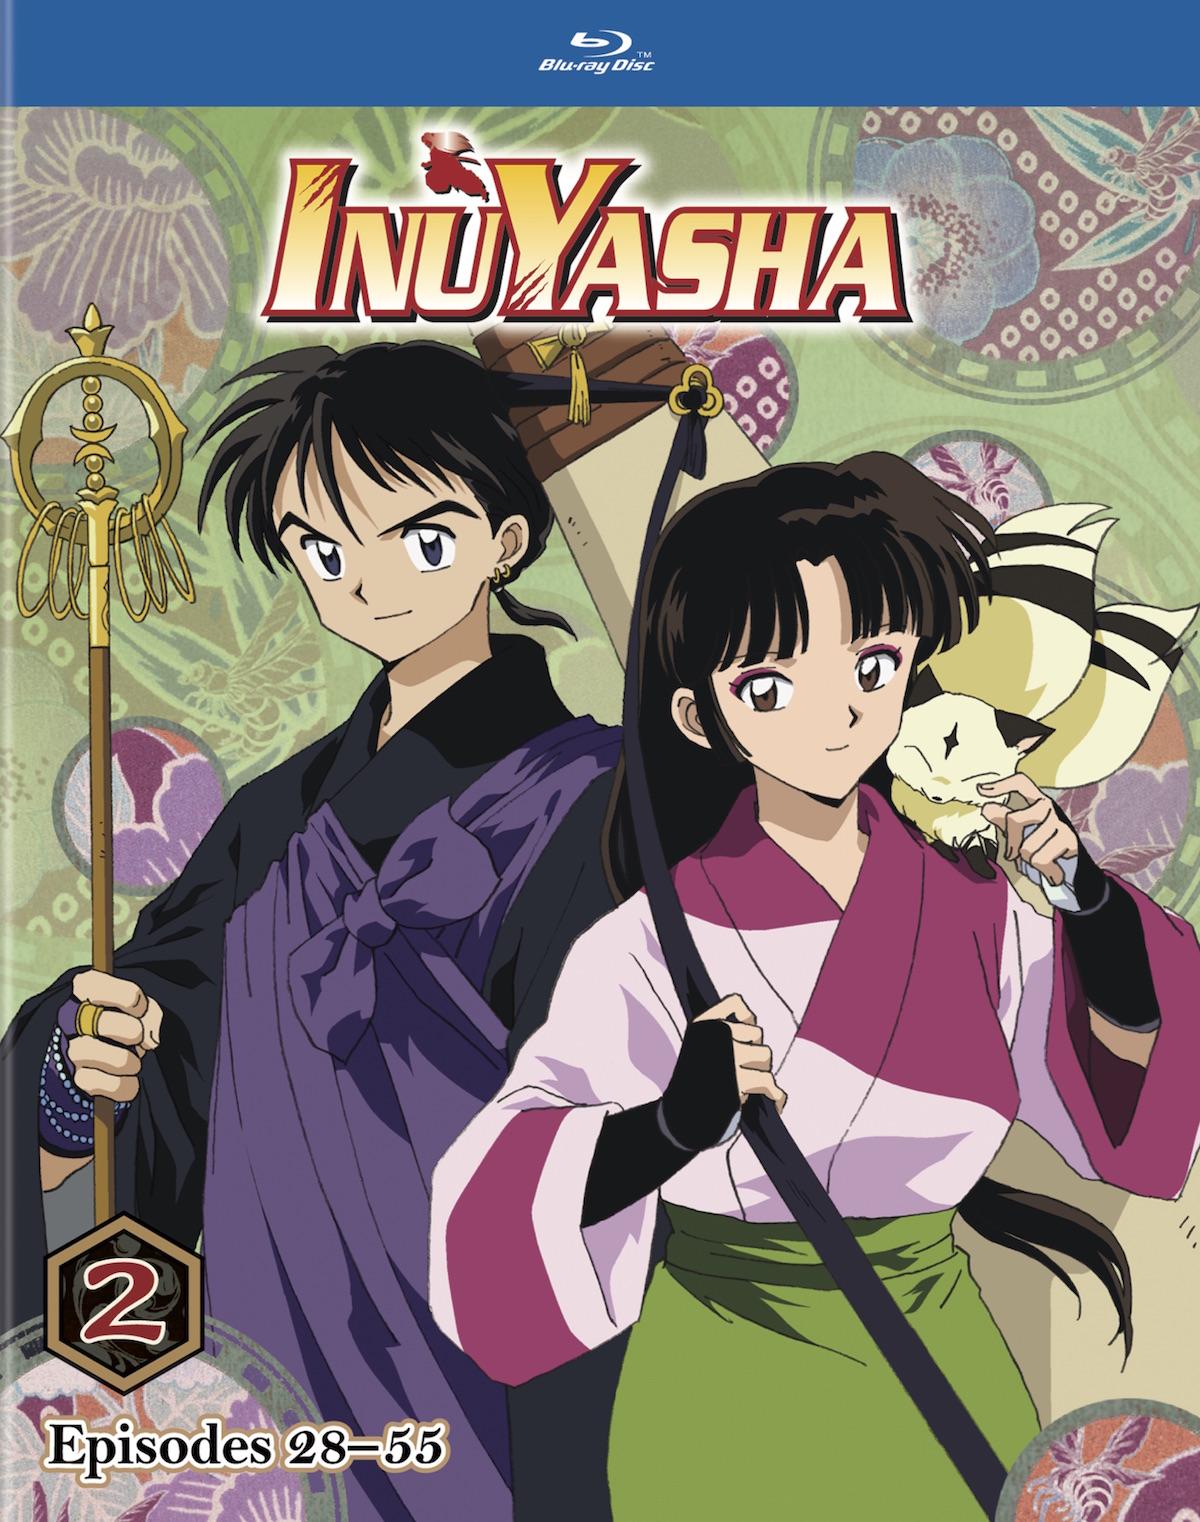 Inuyasha Set 2